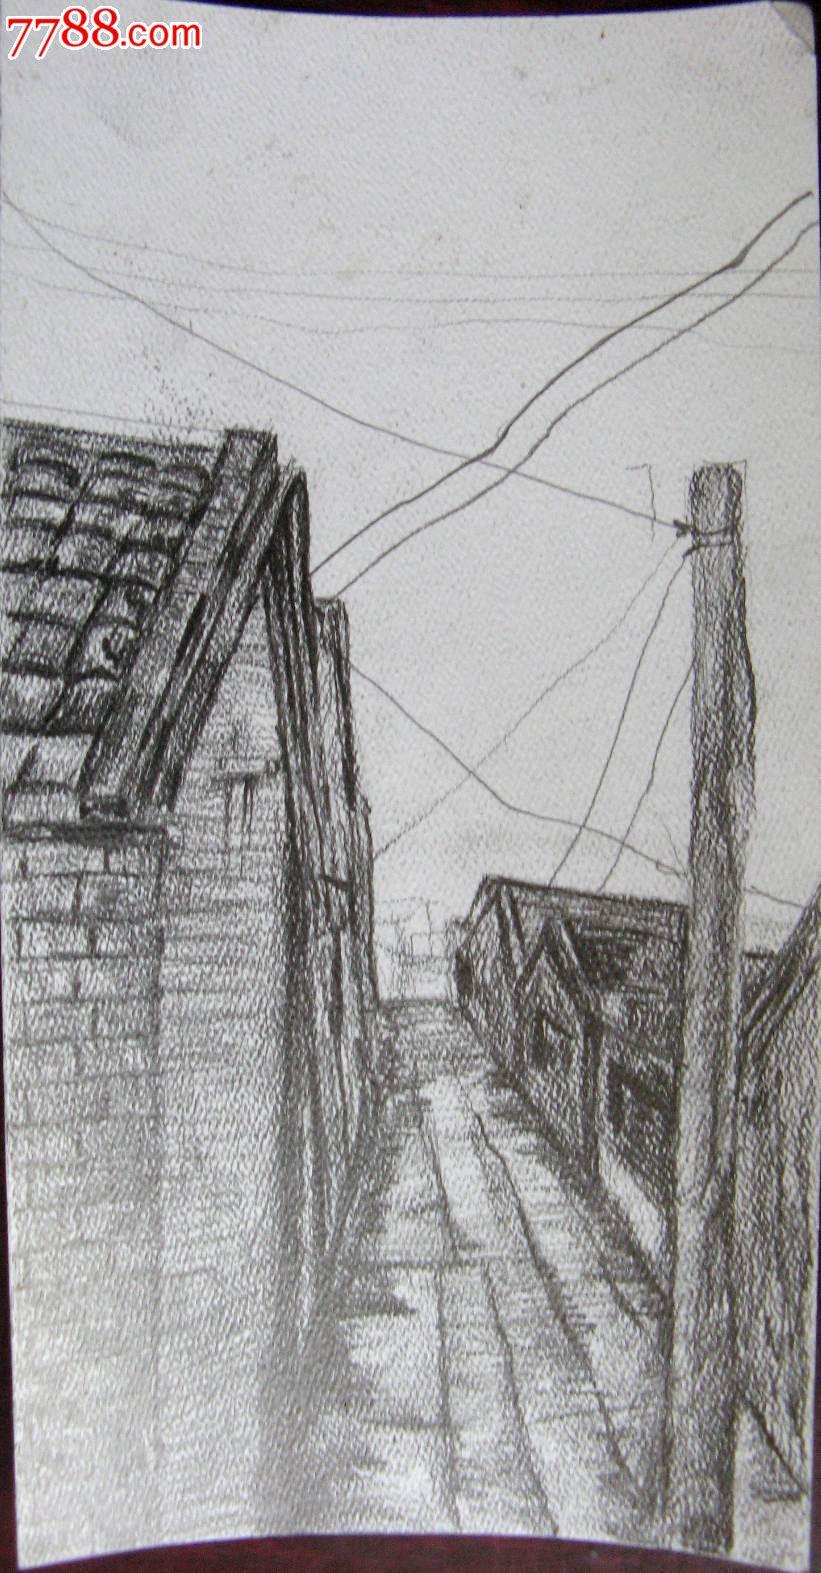 素描 速写 建筑写生 线描 建筑轮廓 卡通 手绘 风景 背景 矢量 城市图片